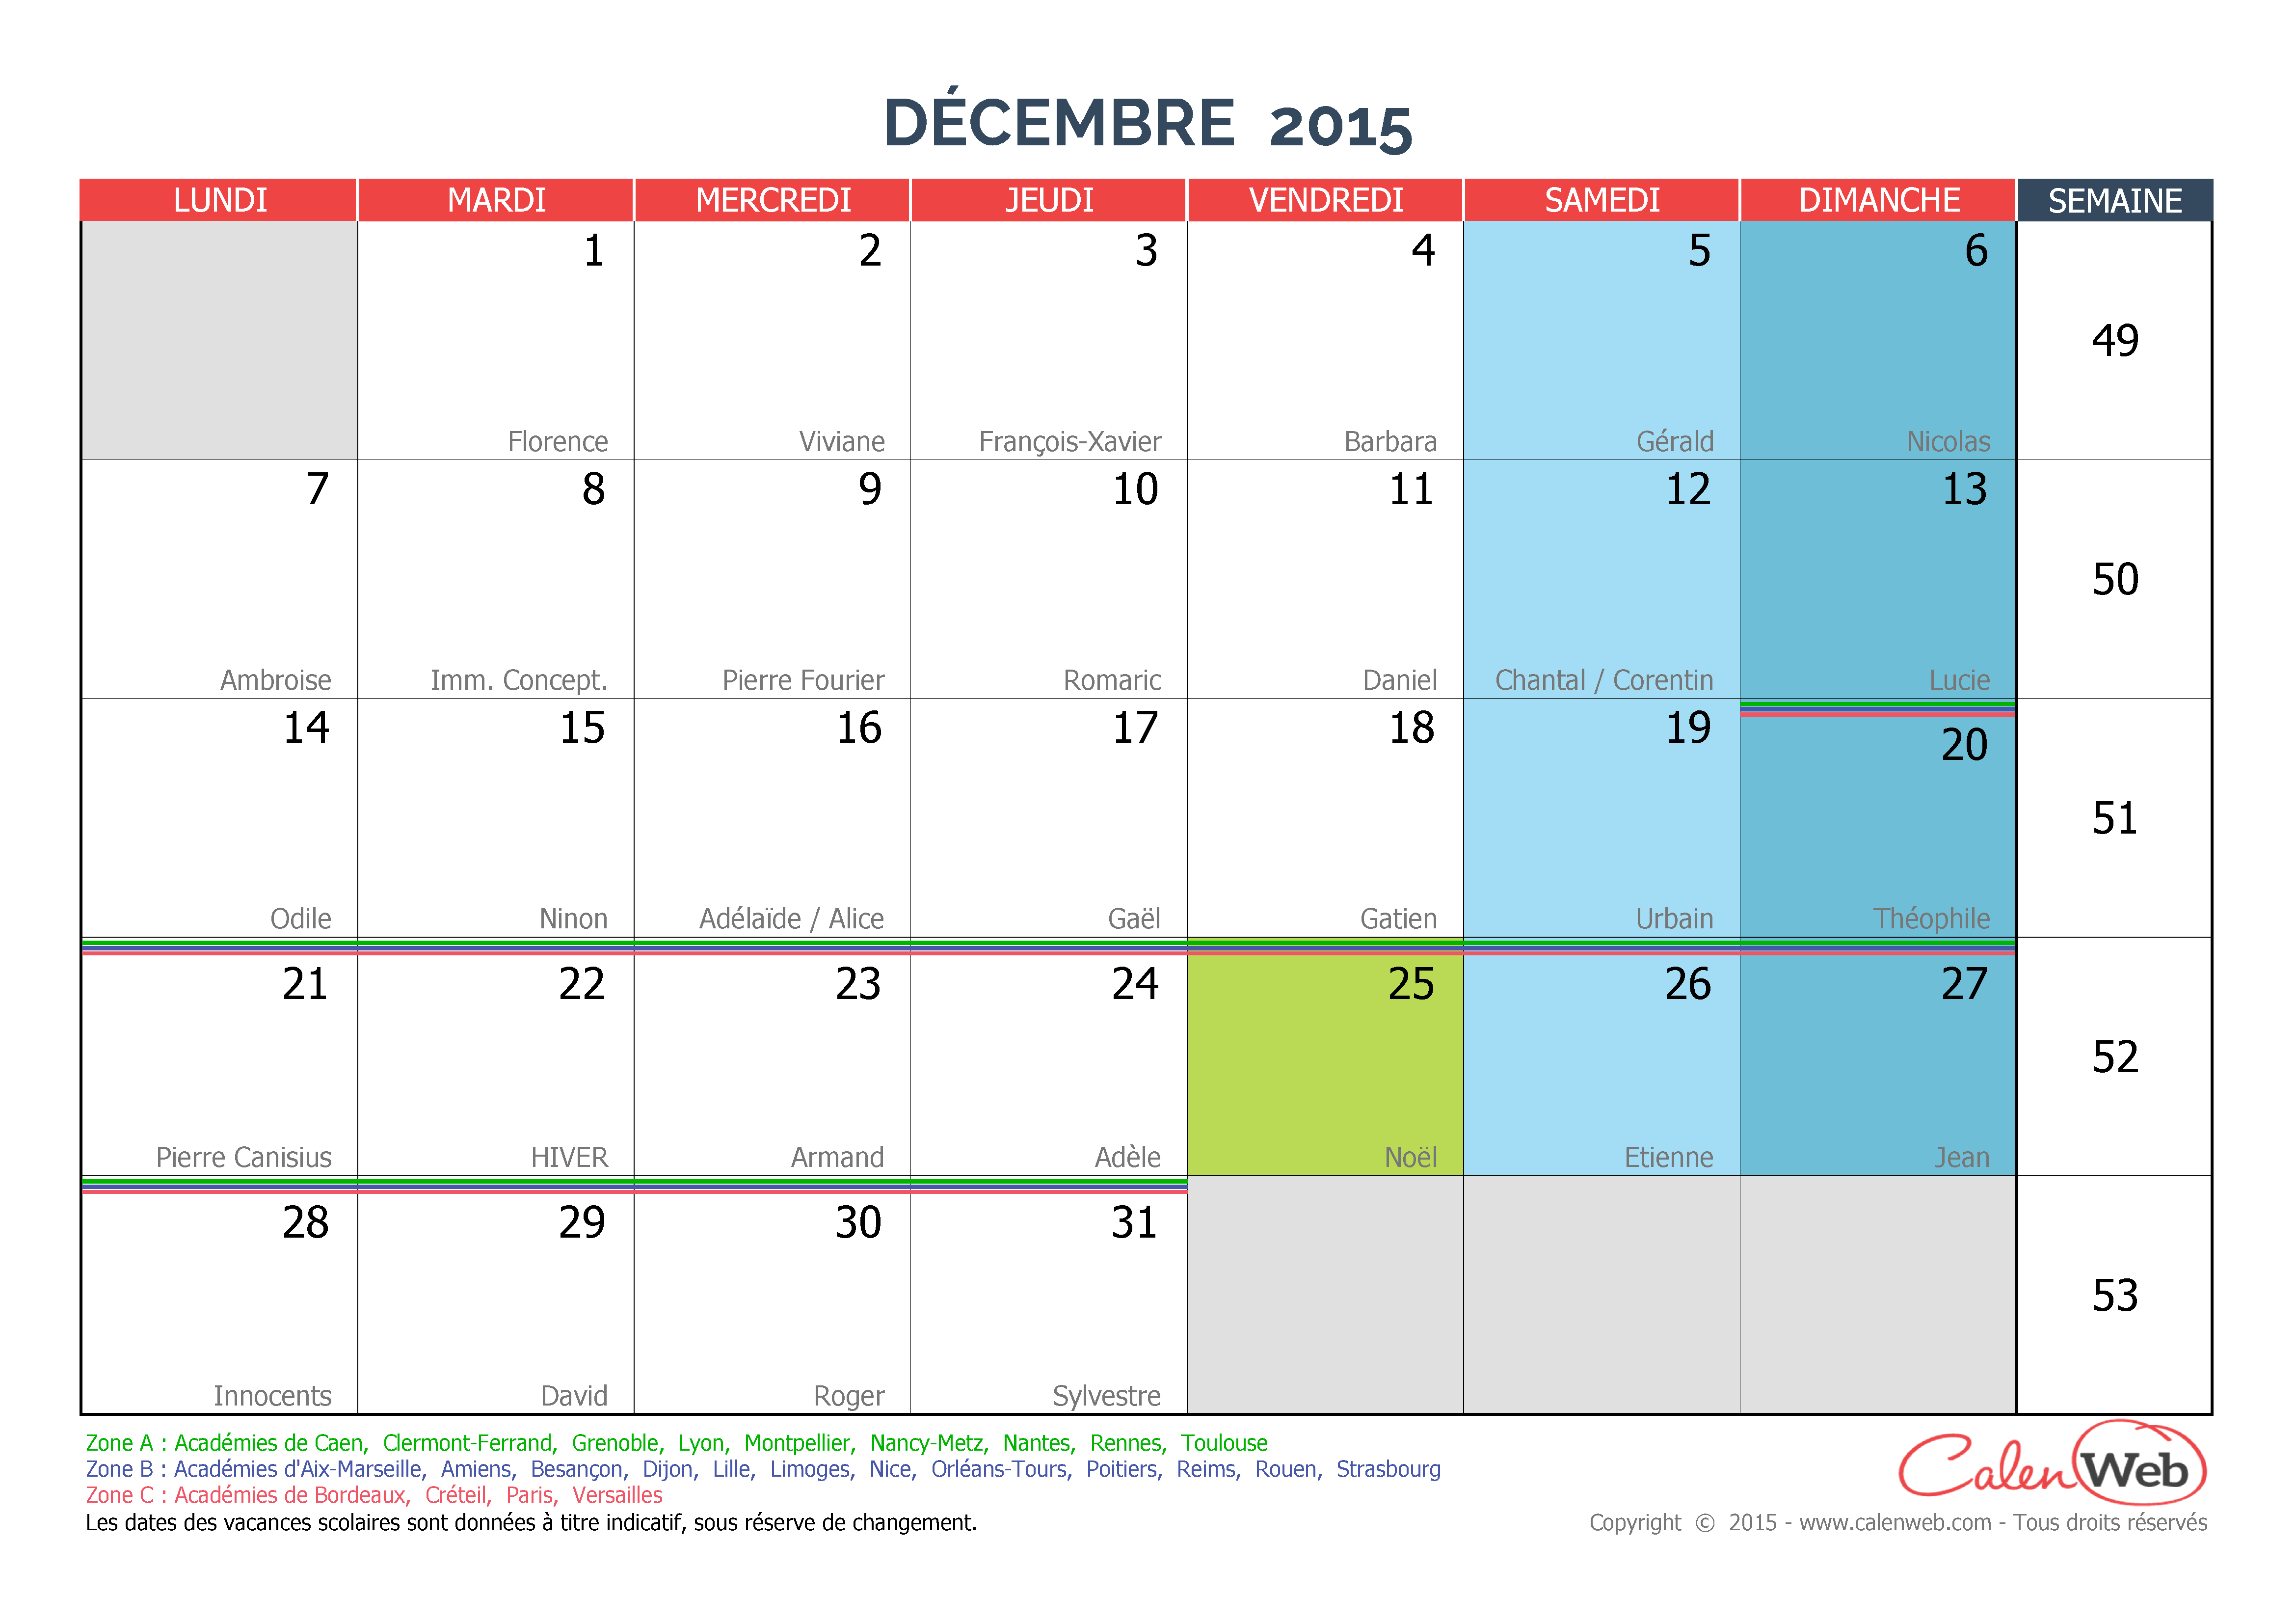 calendrier mensuel mois de d cembre 2015 avec f tes jours f ri s et vacances scolaires. Black Bedroom Furniture Sets. Home Design Ideas